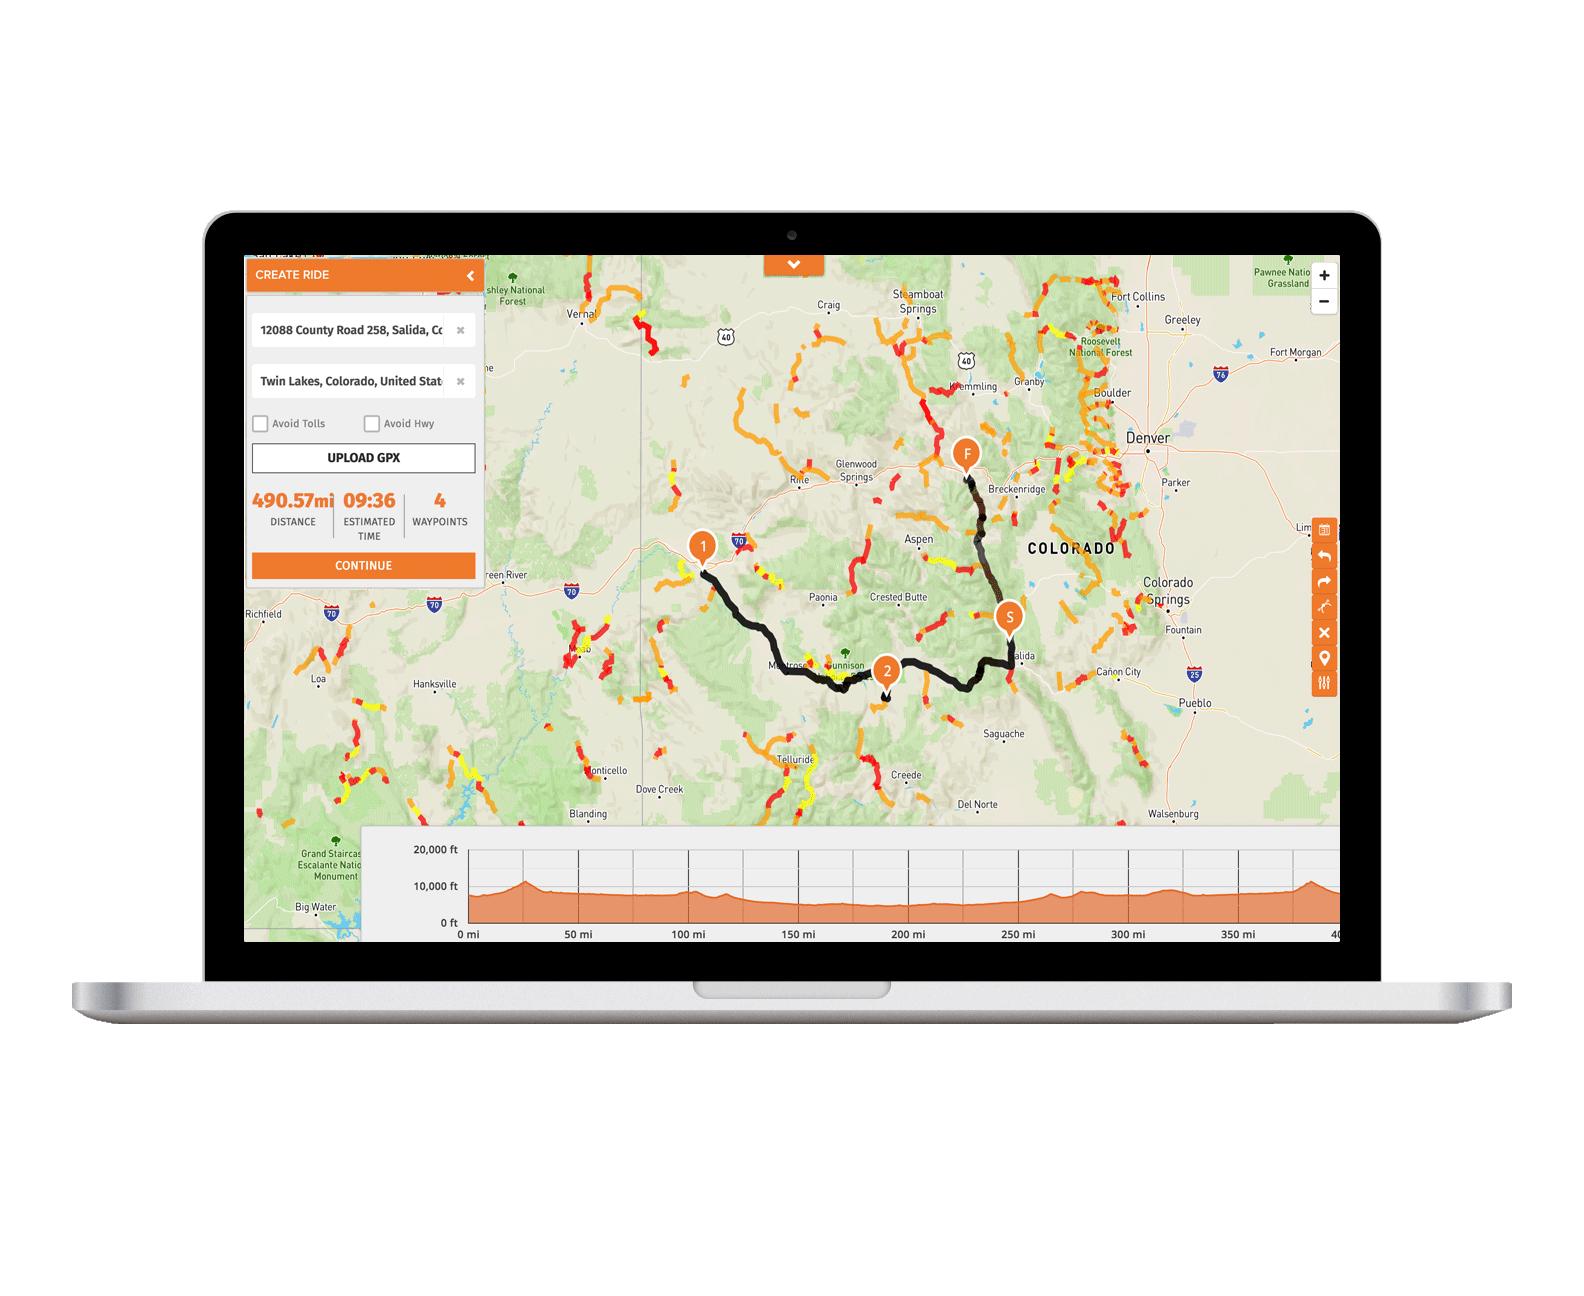 REVER | Trip Planner, GPS Tracker & Community